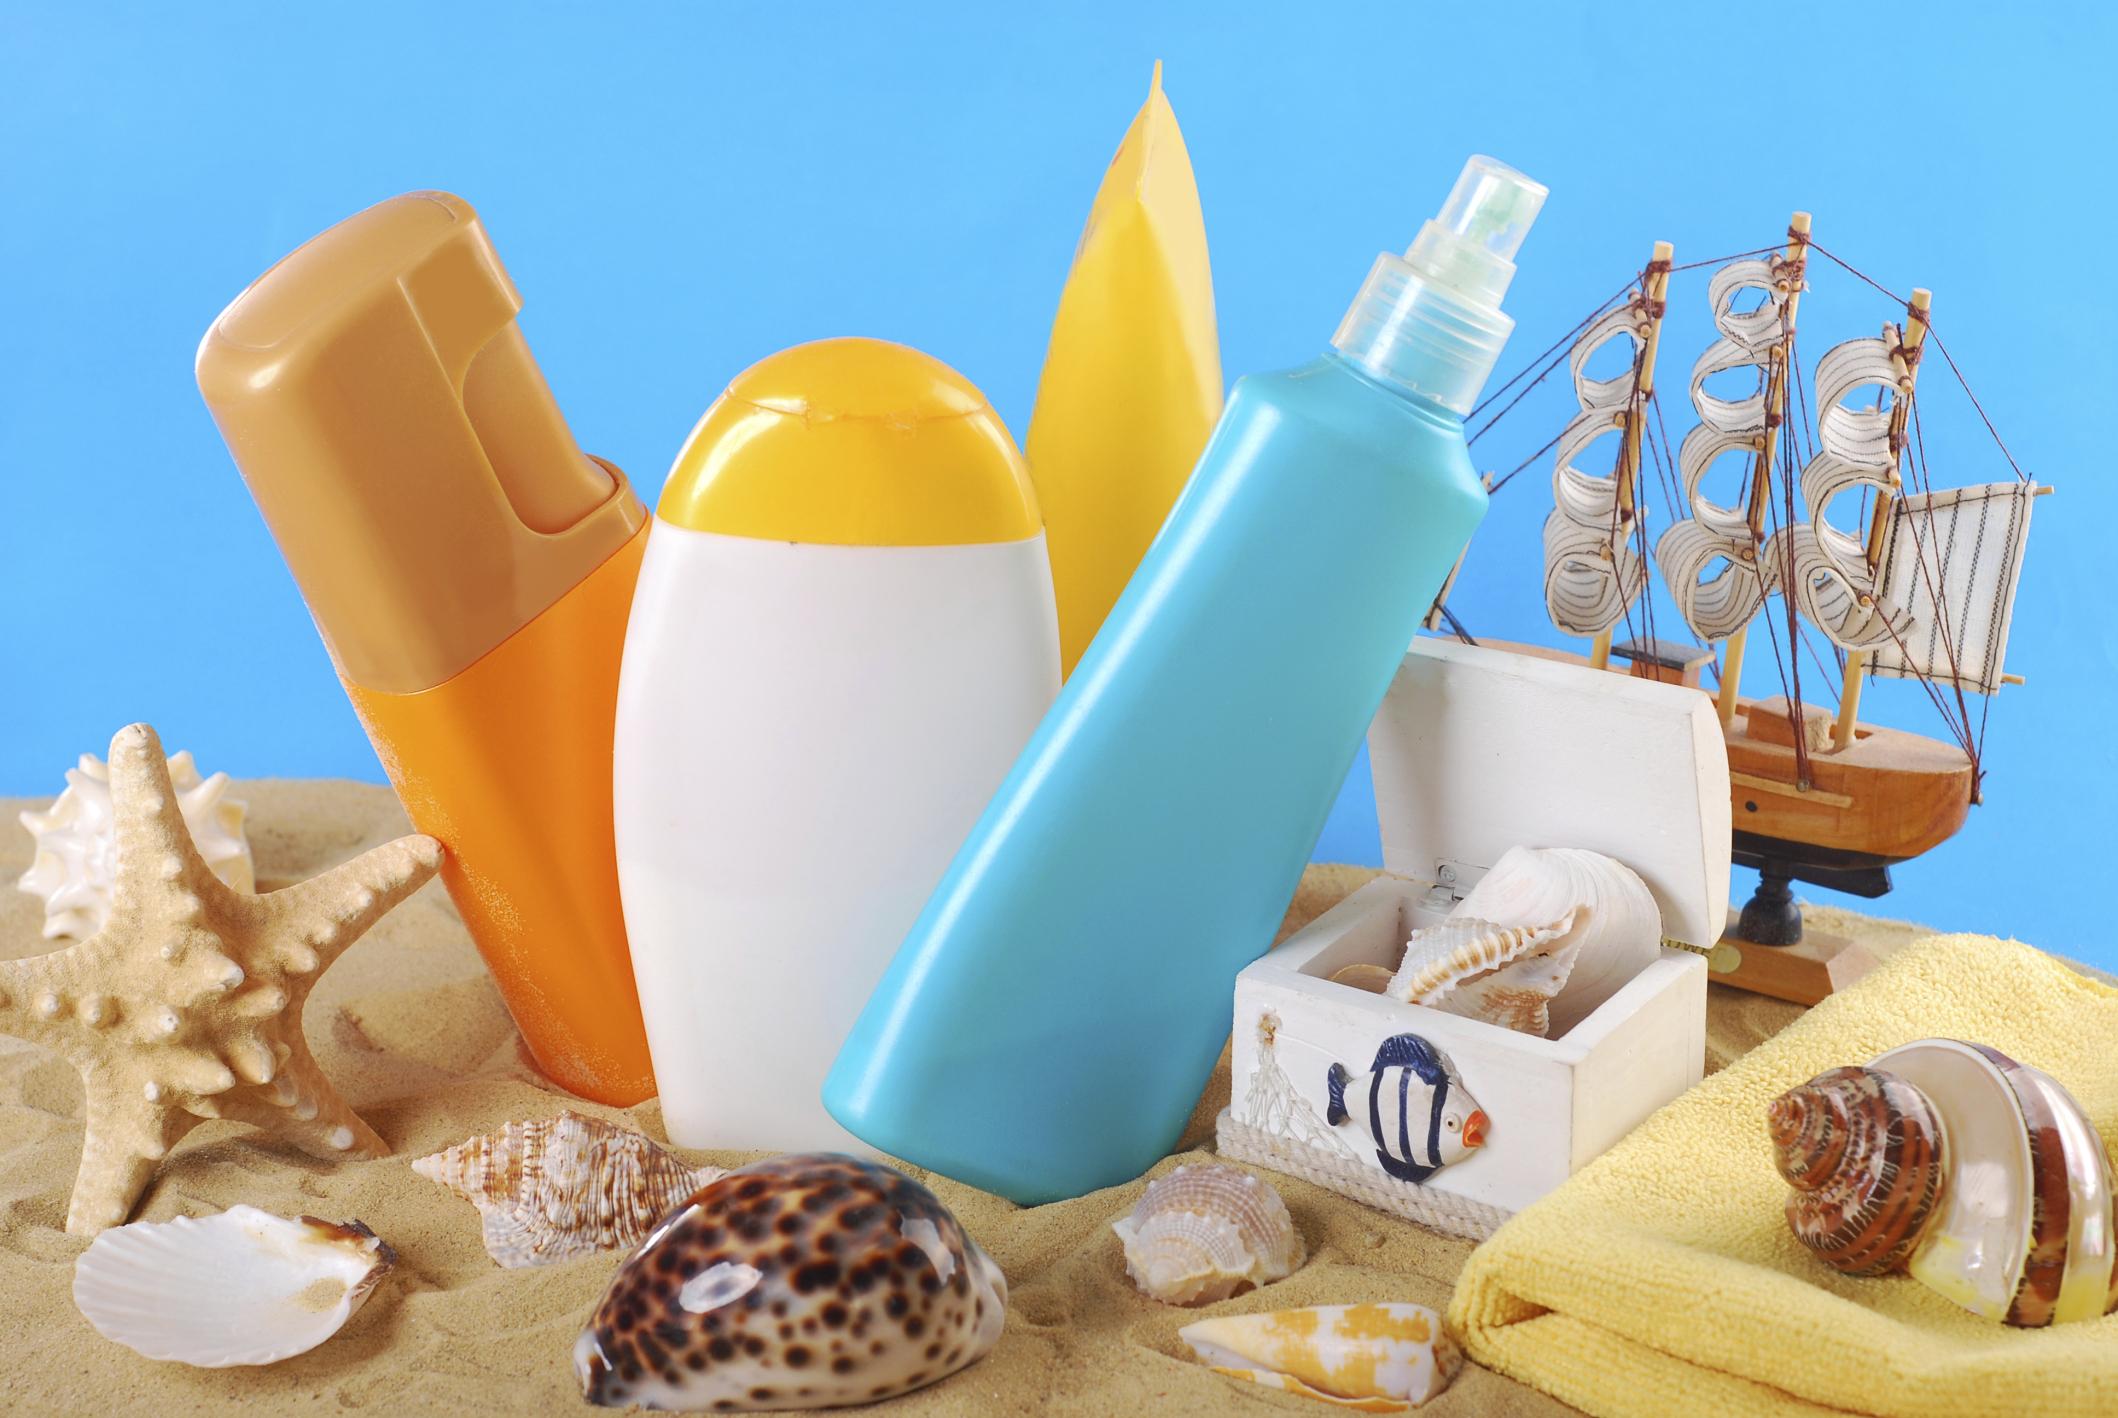 Crema solare 30 bio per pelle mista, marche e prezzi